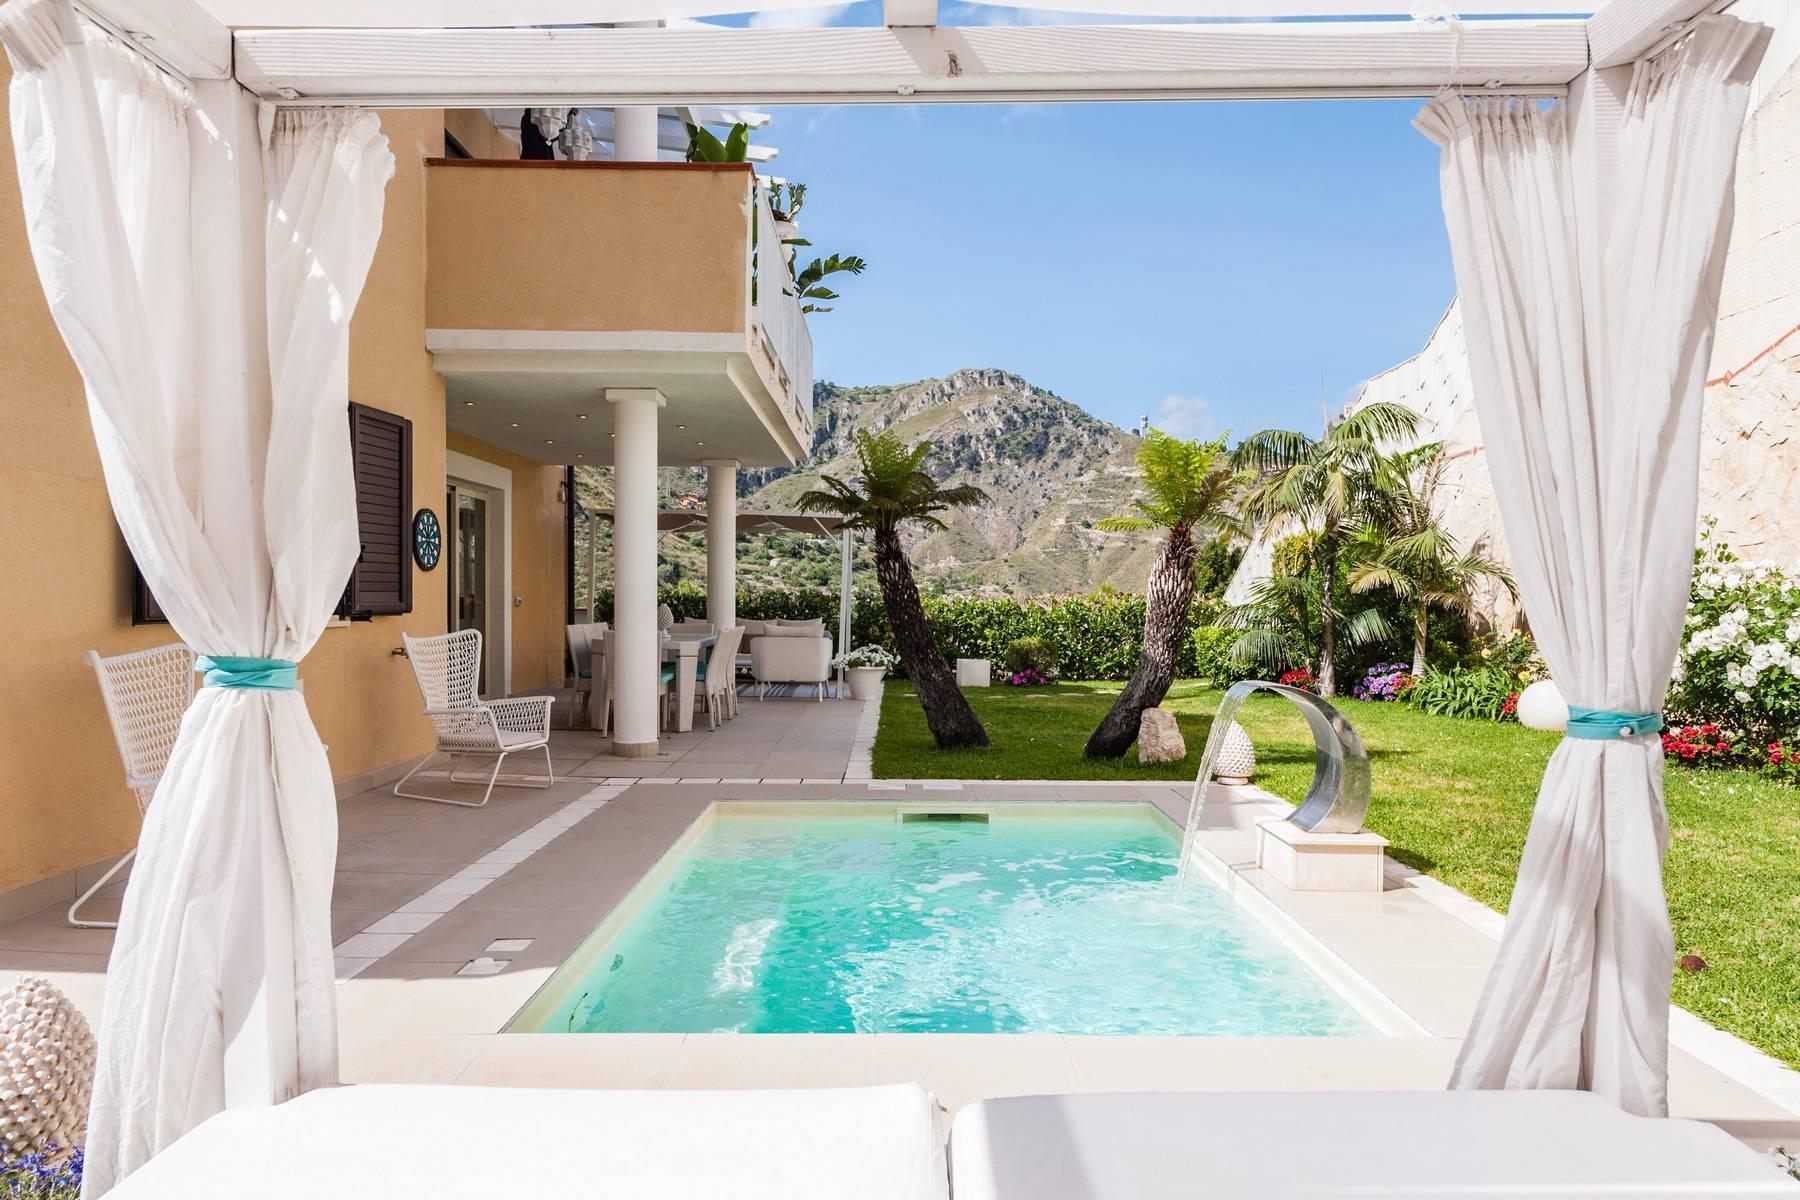 Modern villa with swimming pool in Taormina - 1